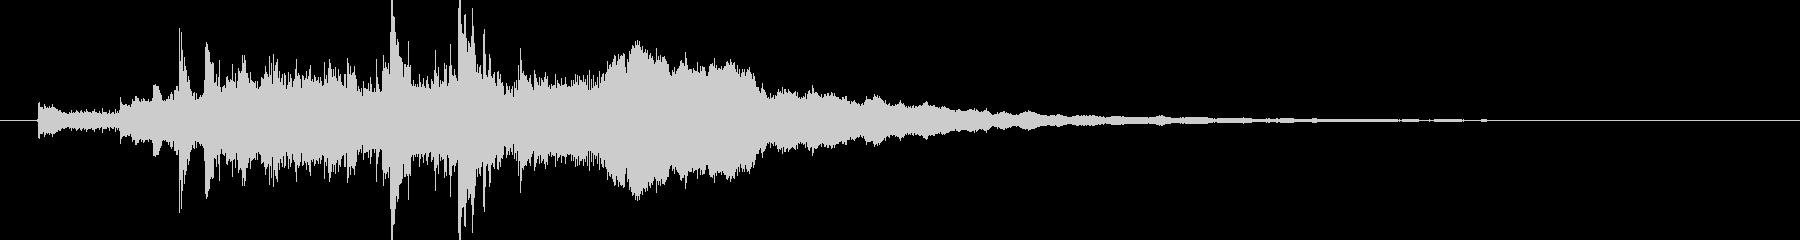 キラキラ・企業・きらめき・サウンドロゴの未再生の波形